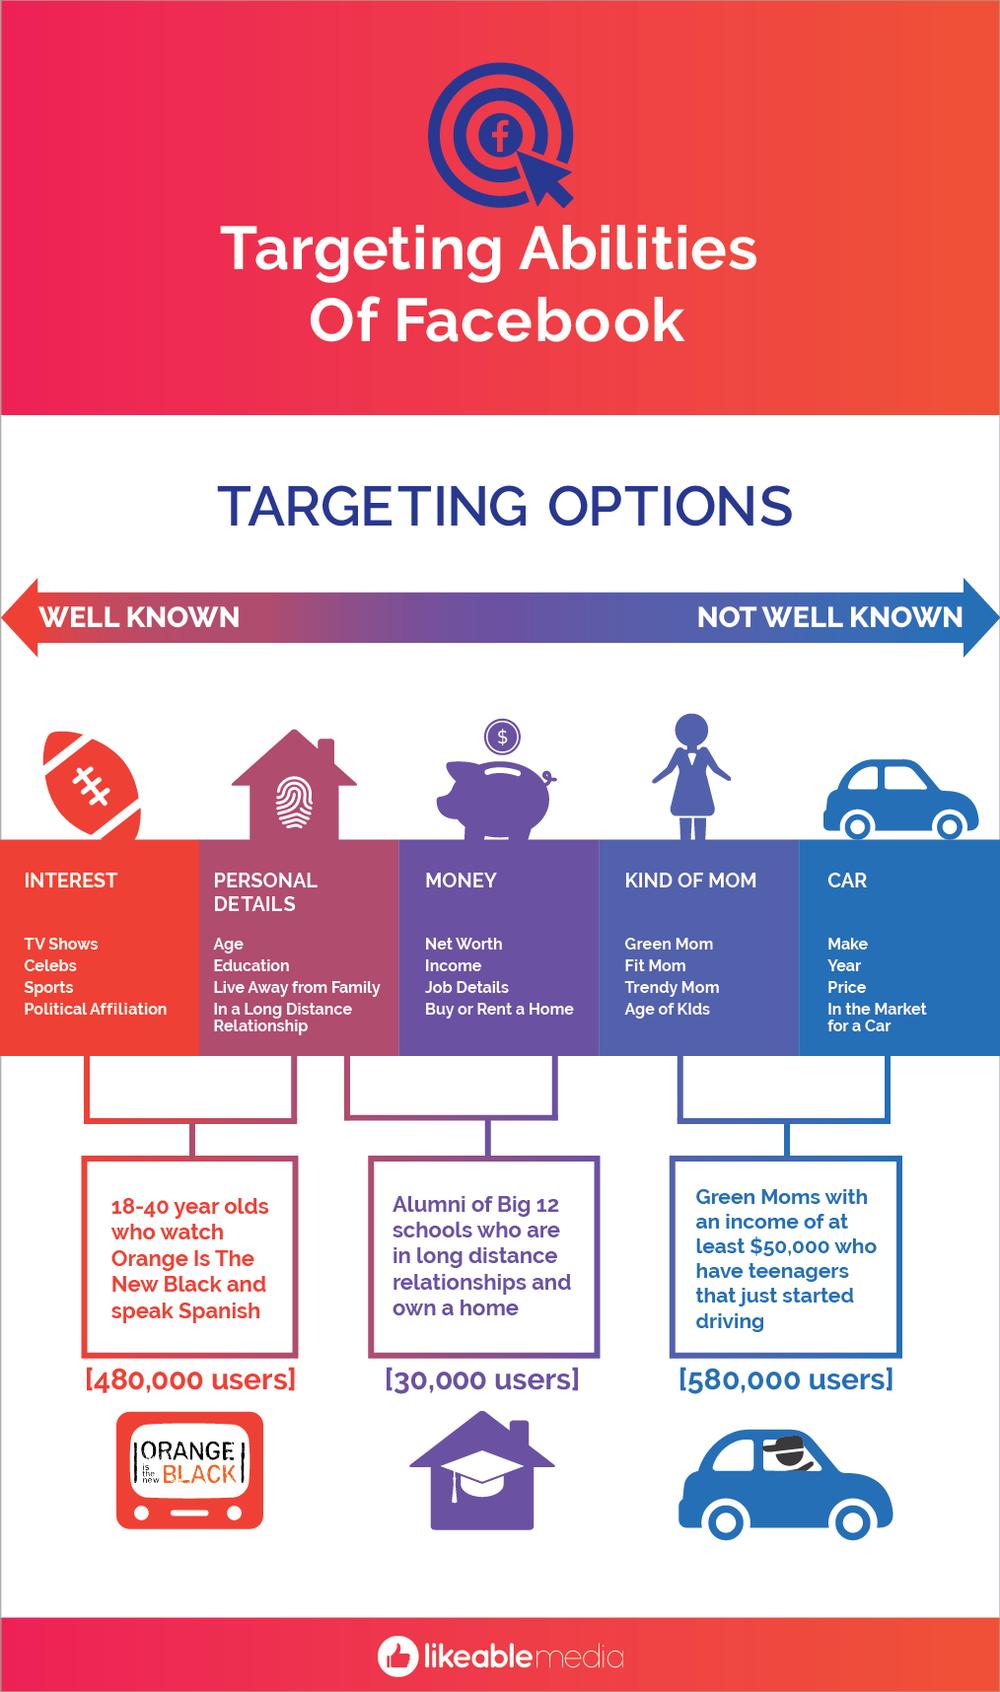 Facebook_LikeableMedia_TargetingAbilities